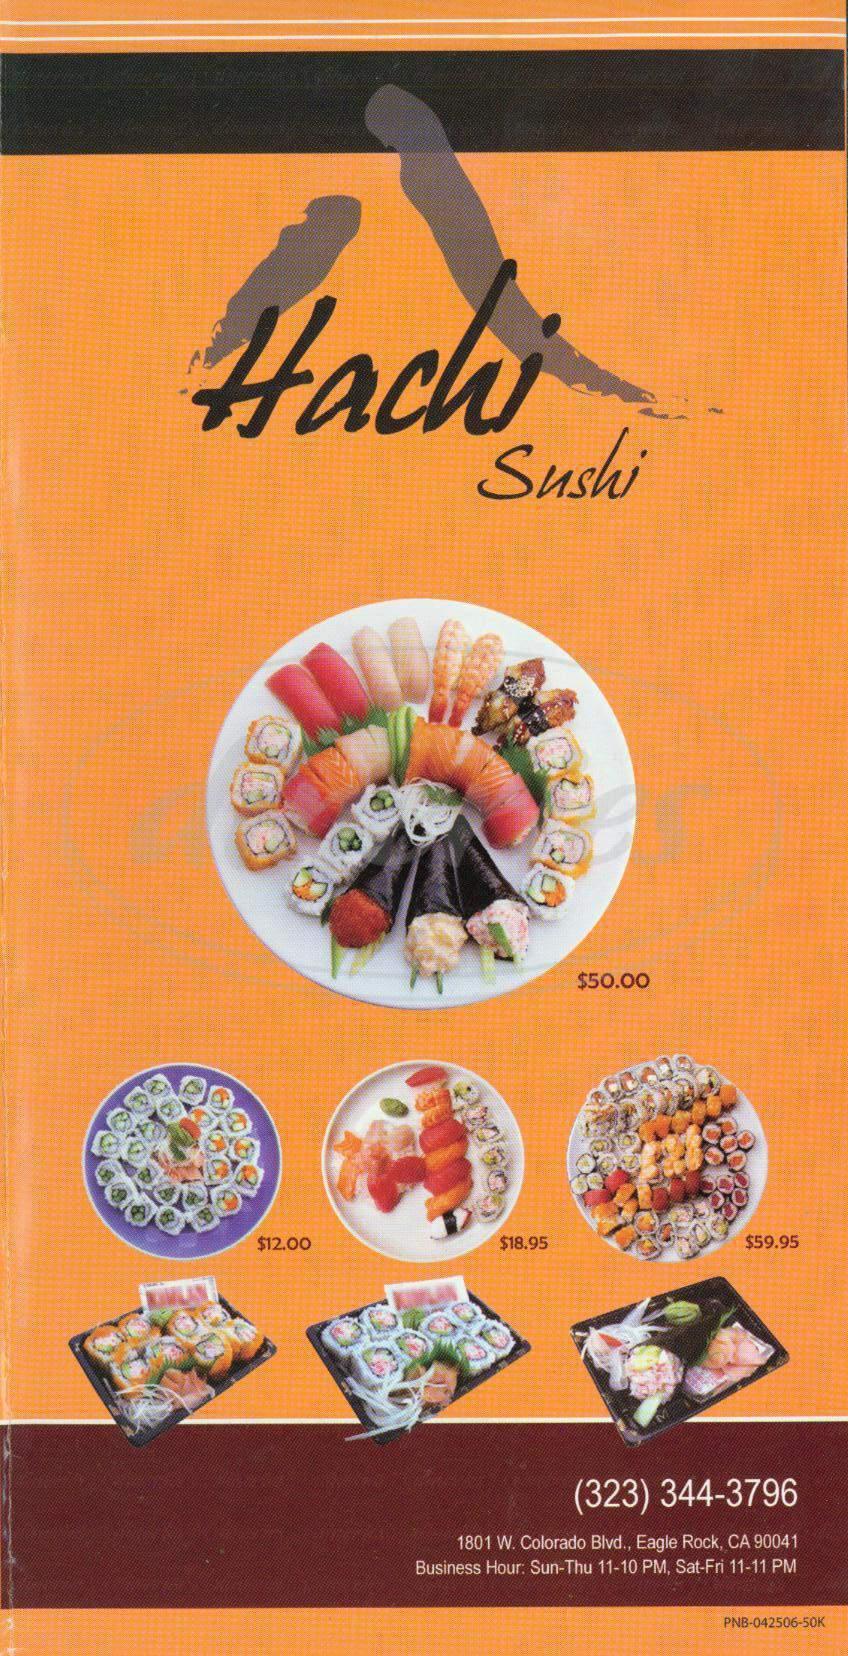 menu for Hachi Sushi